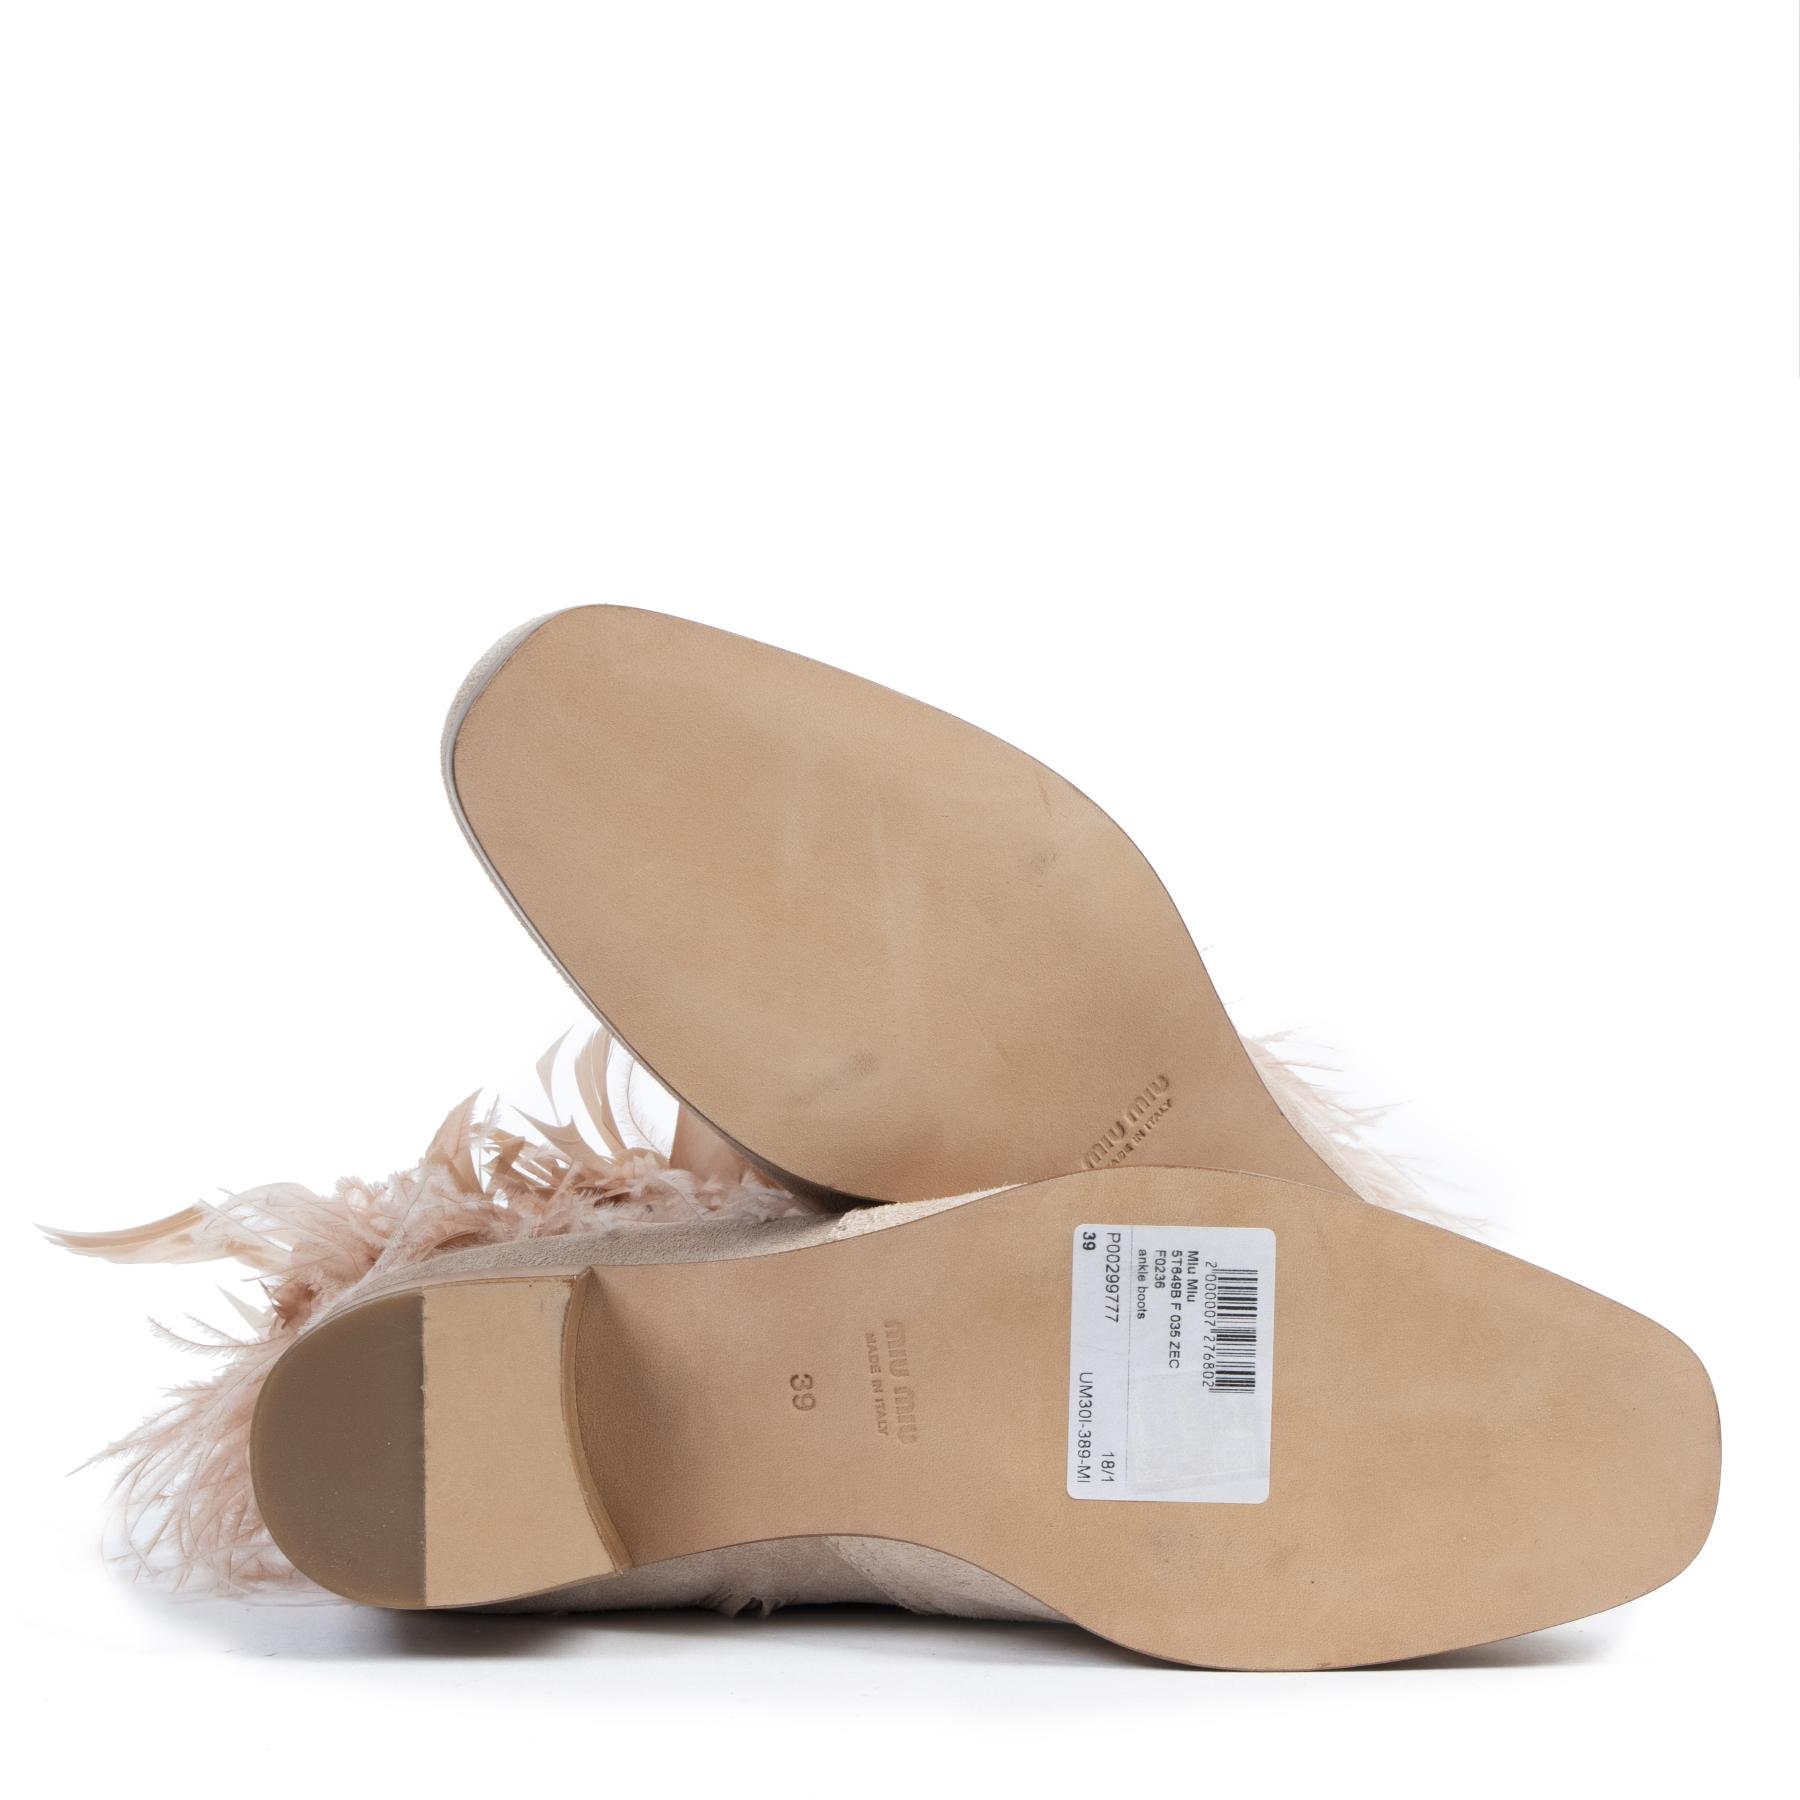 Authentique seconde-main vintage Miu Miu Feather-trimmed Suede Ankle Boots - Size 39 achète en ligne webshop LabelLOV